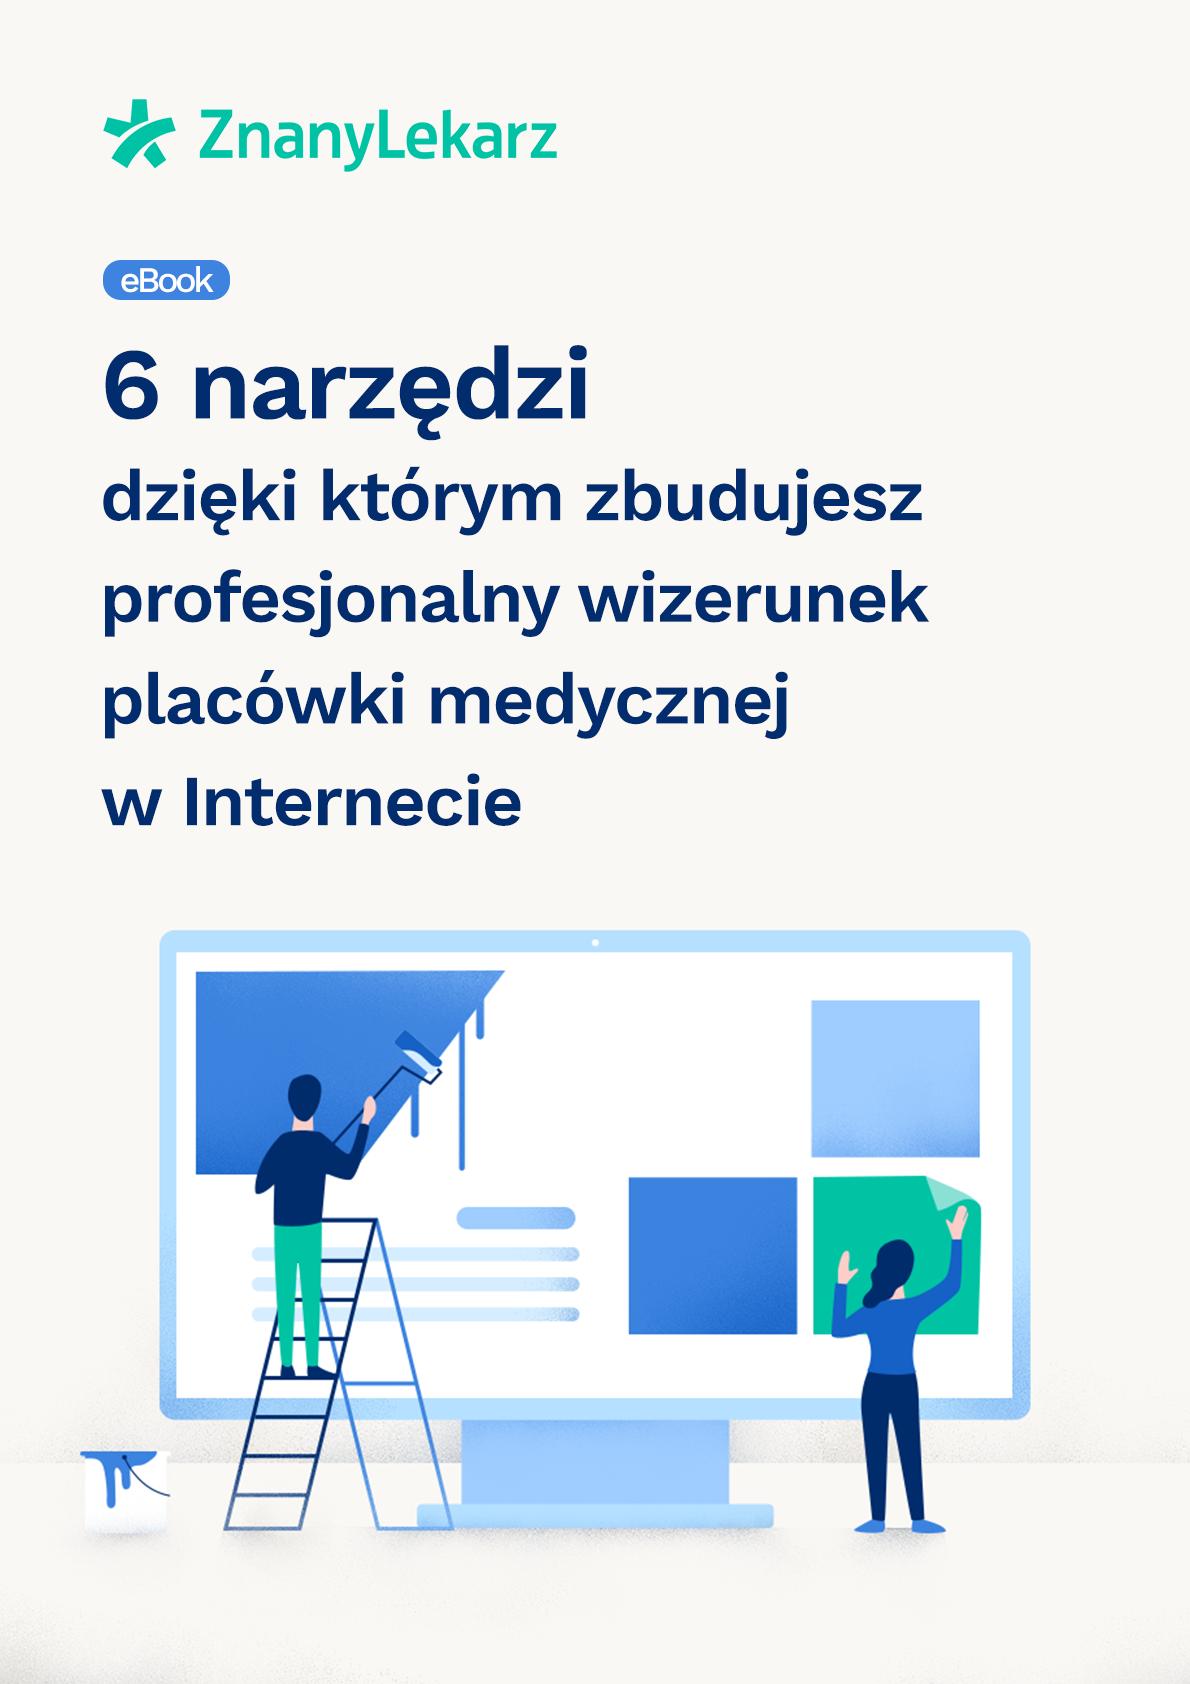 Ebook - 6 narzędzi, dzięki którym zbudujesz profesjonalny wizerunek placówki medycznej w Internecie